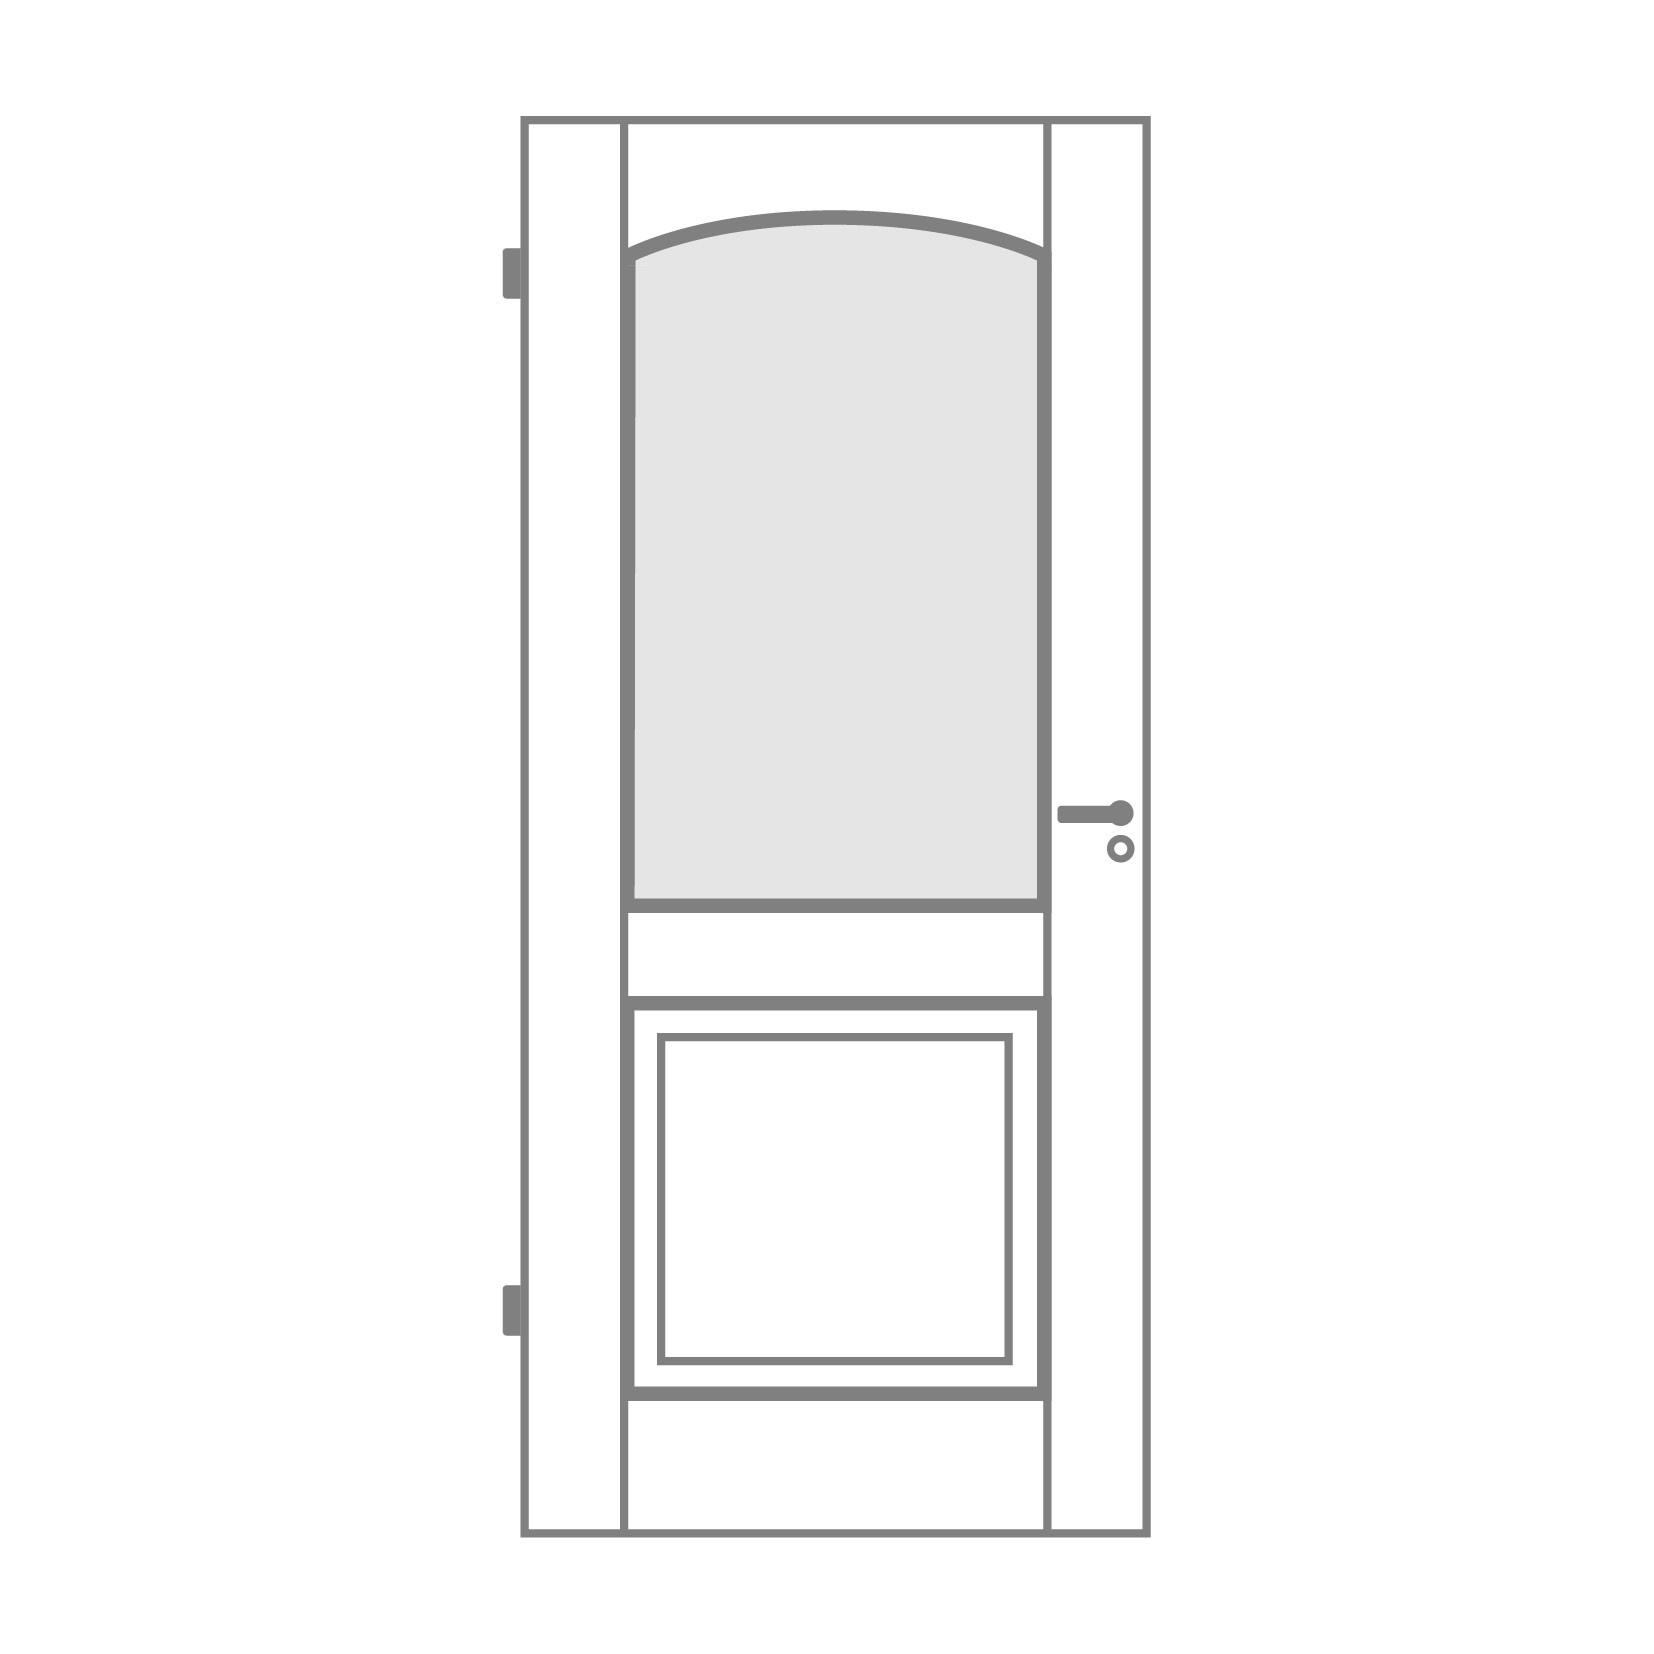 massivholzt r modell te 28 we deinet. Black Bedroom Furniture Sets. Home Design Ideas